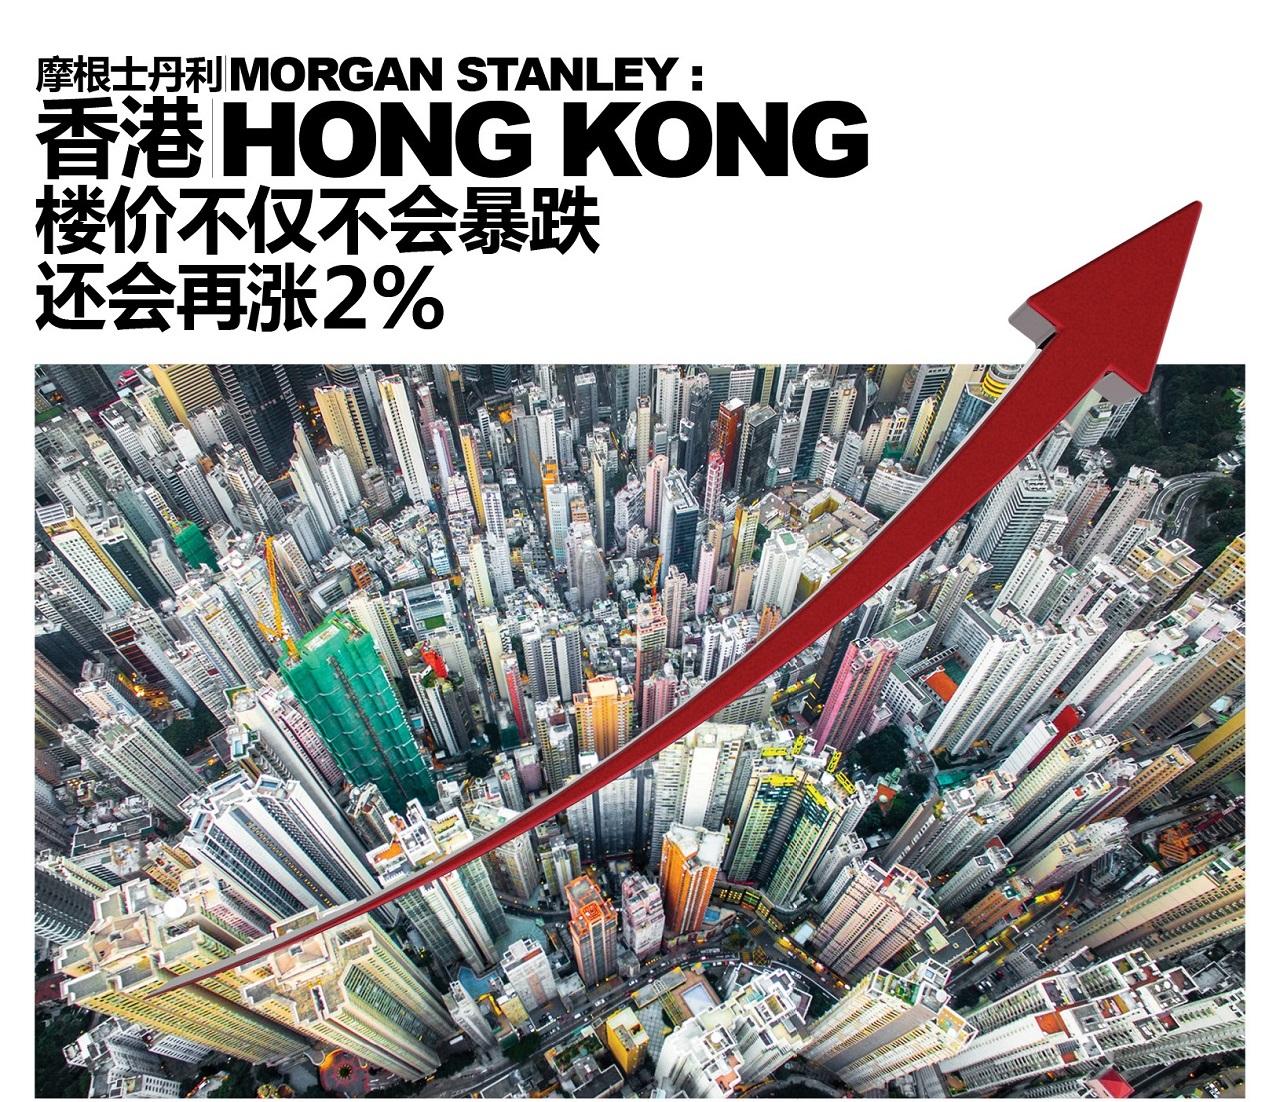 楼市量价齐跌_摩根士丹利(Morgan Stanley):香港(Hongkong)楼价不仅不会暴跌 还 ...